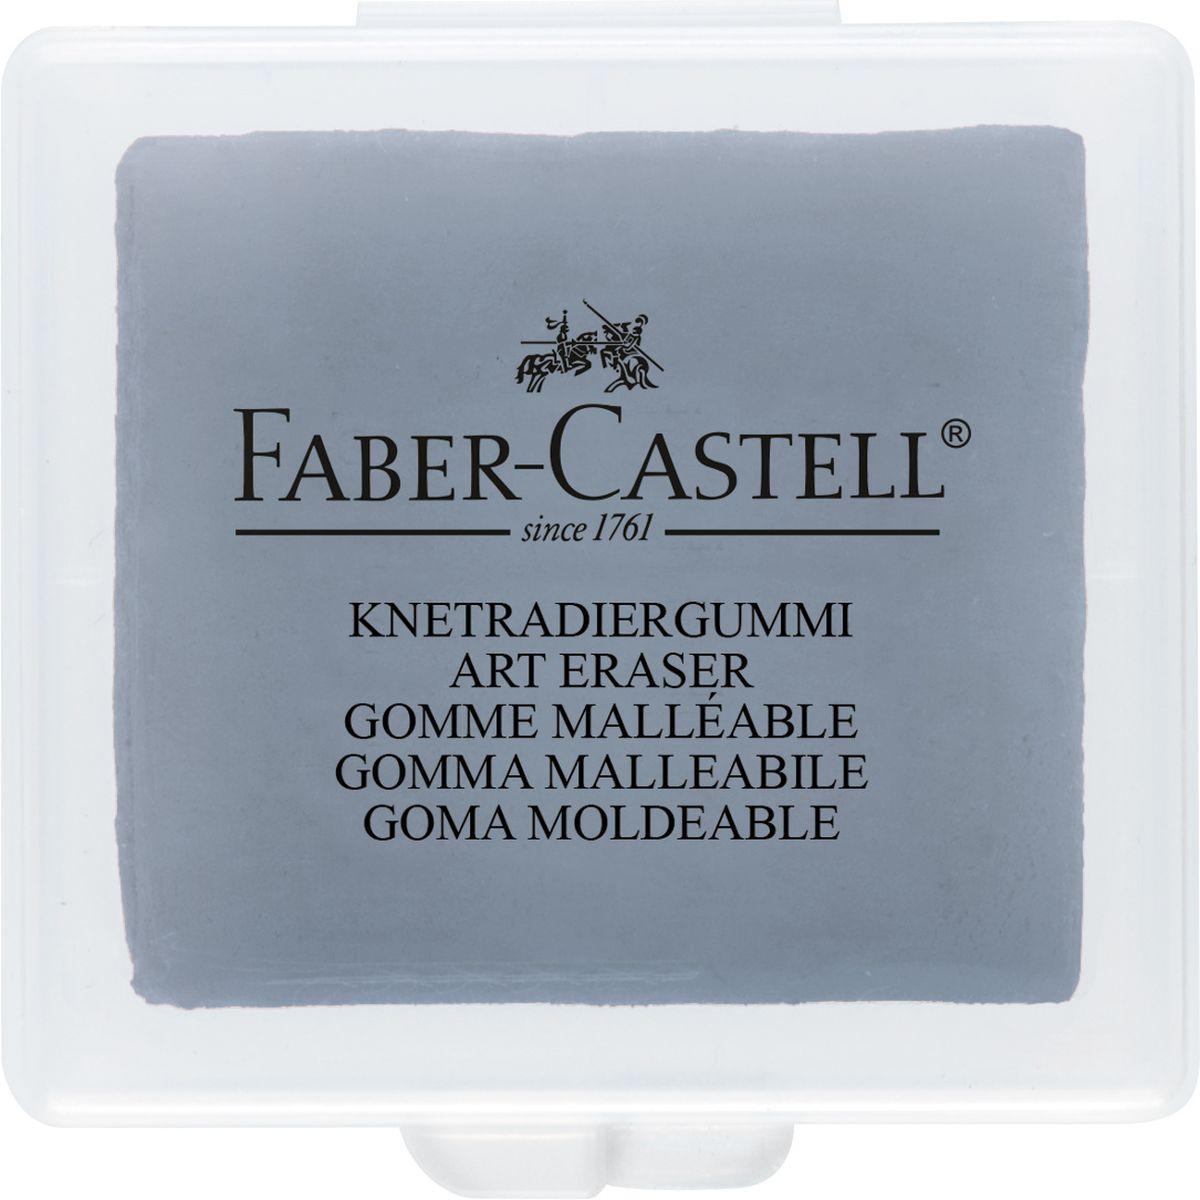 Faber-Castell Художественный ластик серый в индивидуальной упаковке127220Художественный ластик (клячка) служит для коррекции и осветления рисунков, созданных мягкими карандашами, углем или пастелью. • дополнительно служит для очистки фотопленок.